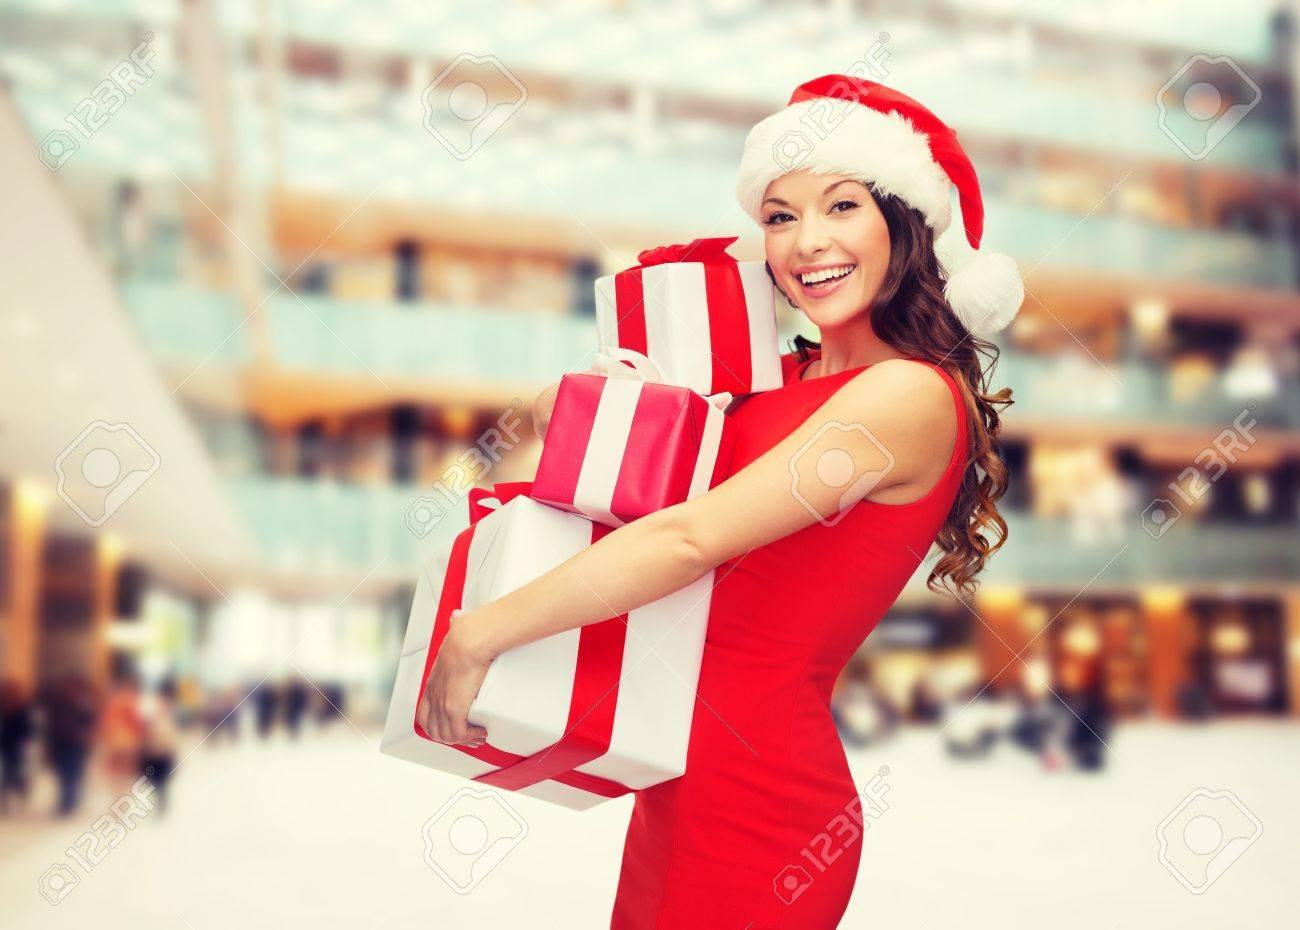 Weihnachten, Feiertage, Feiern Und Menschen Konzept - Lächelnde Frau ...